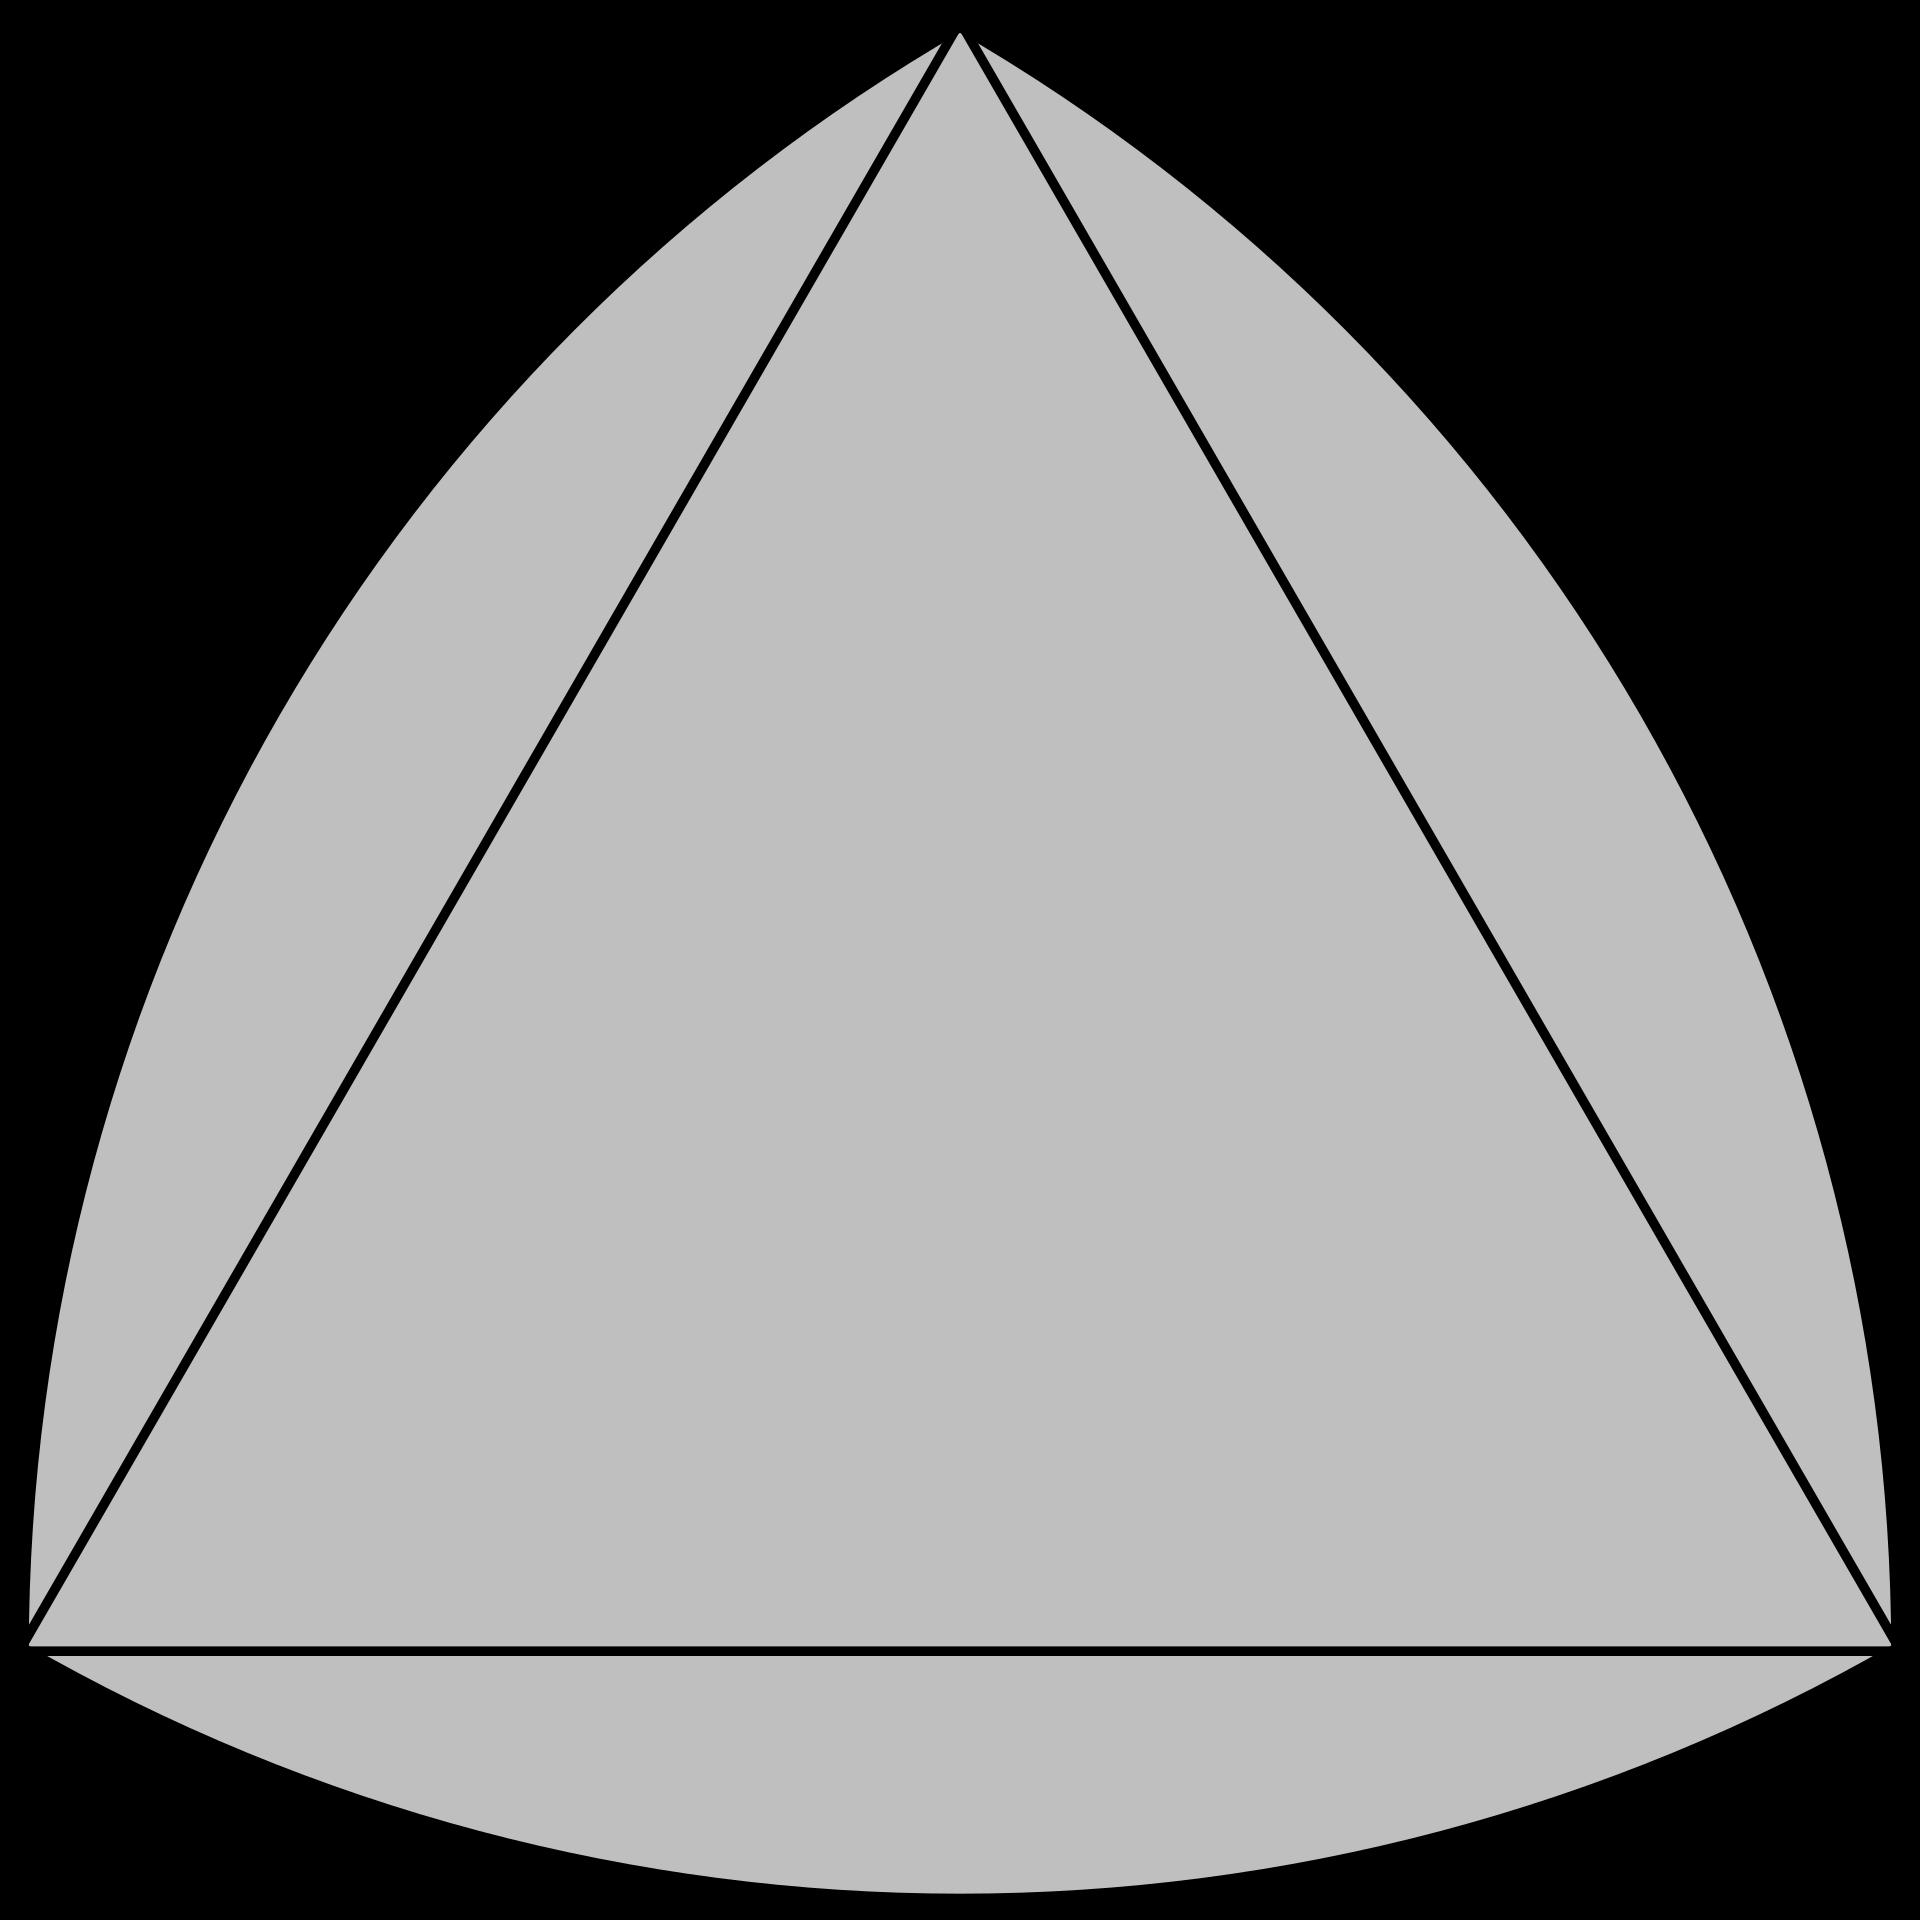 Reuleaux triangle Wikipedia in 2020 Triangle